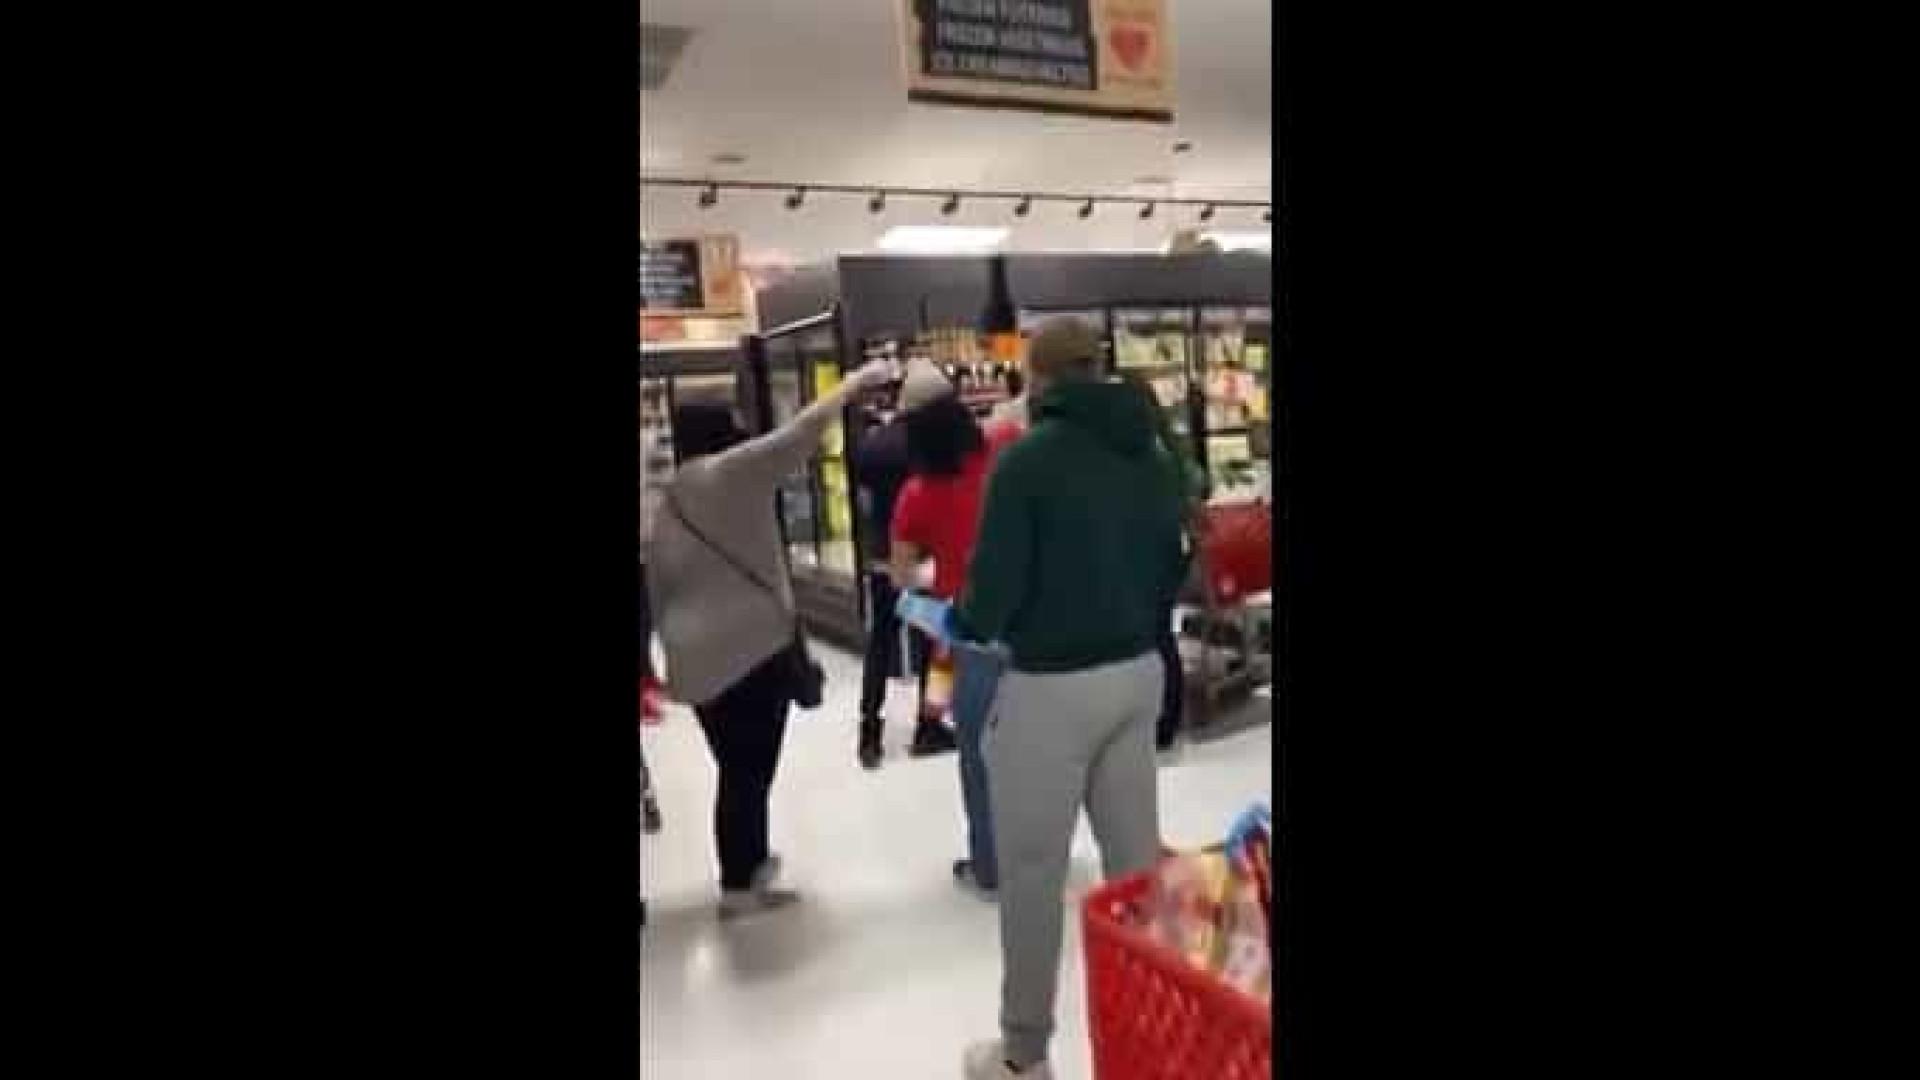 Mulher sem máscara é expulsa de supermercado nos EUA